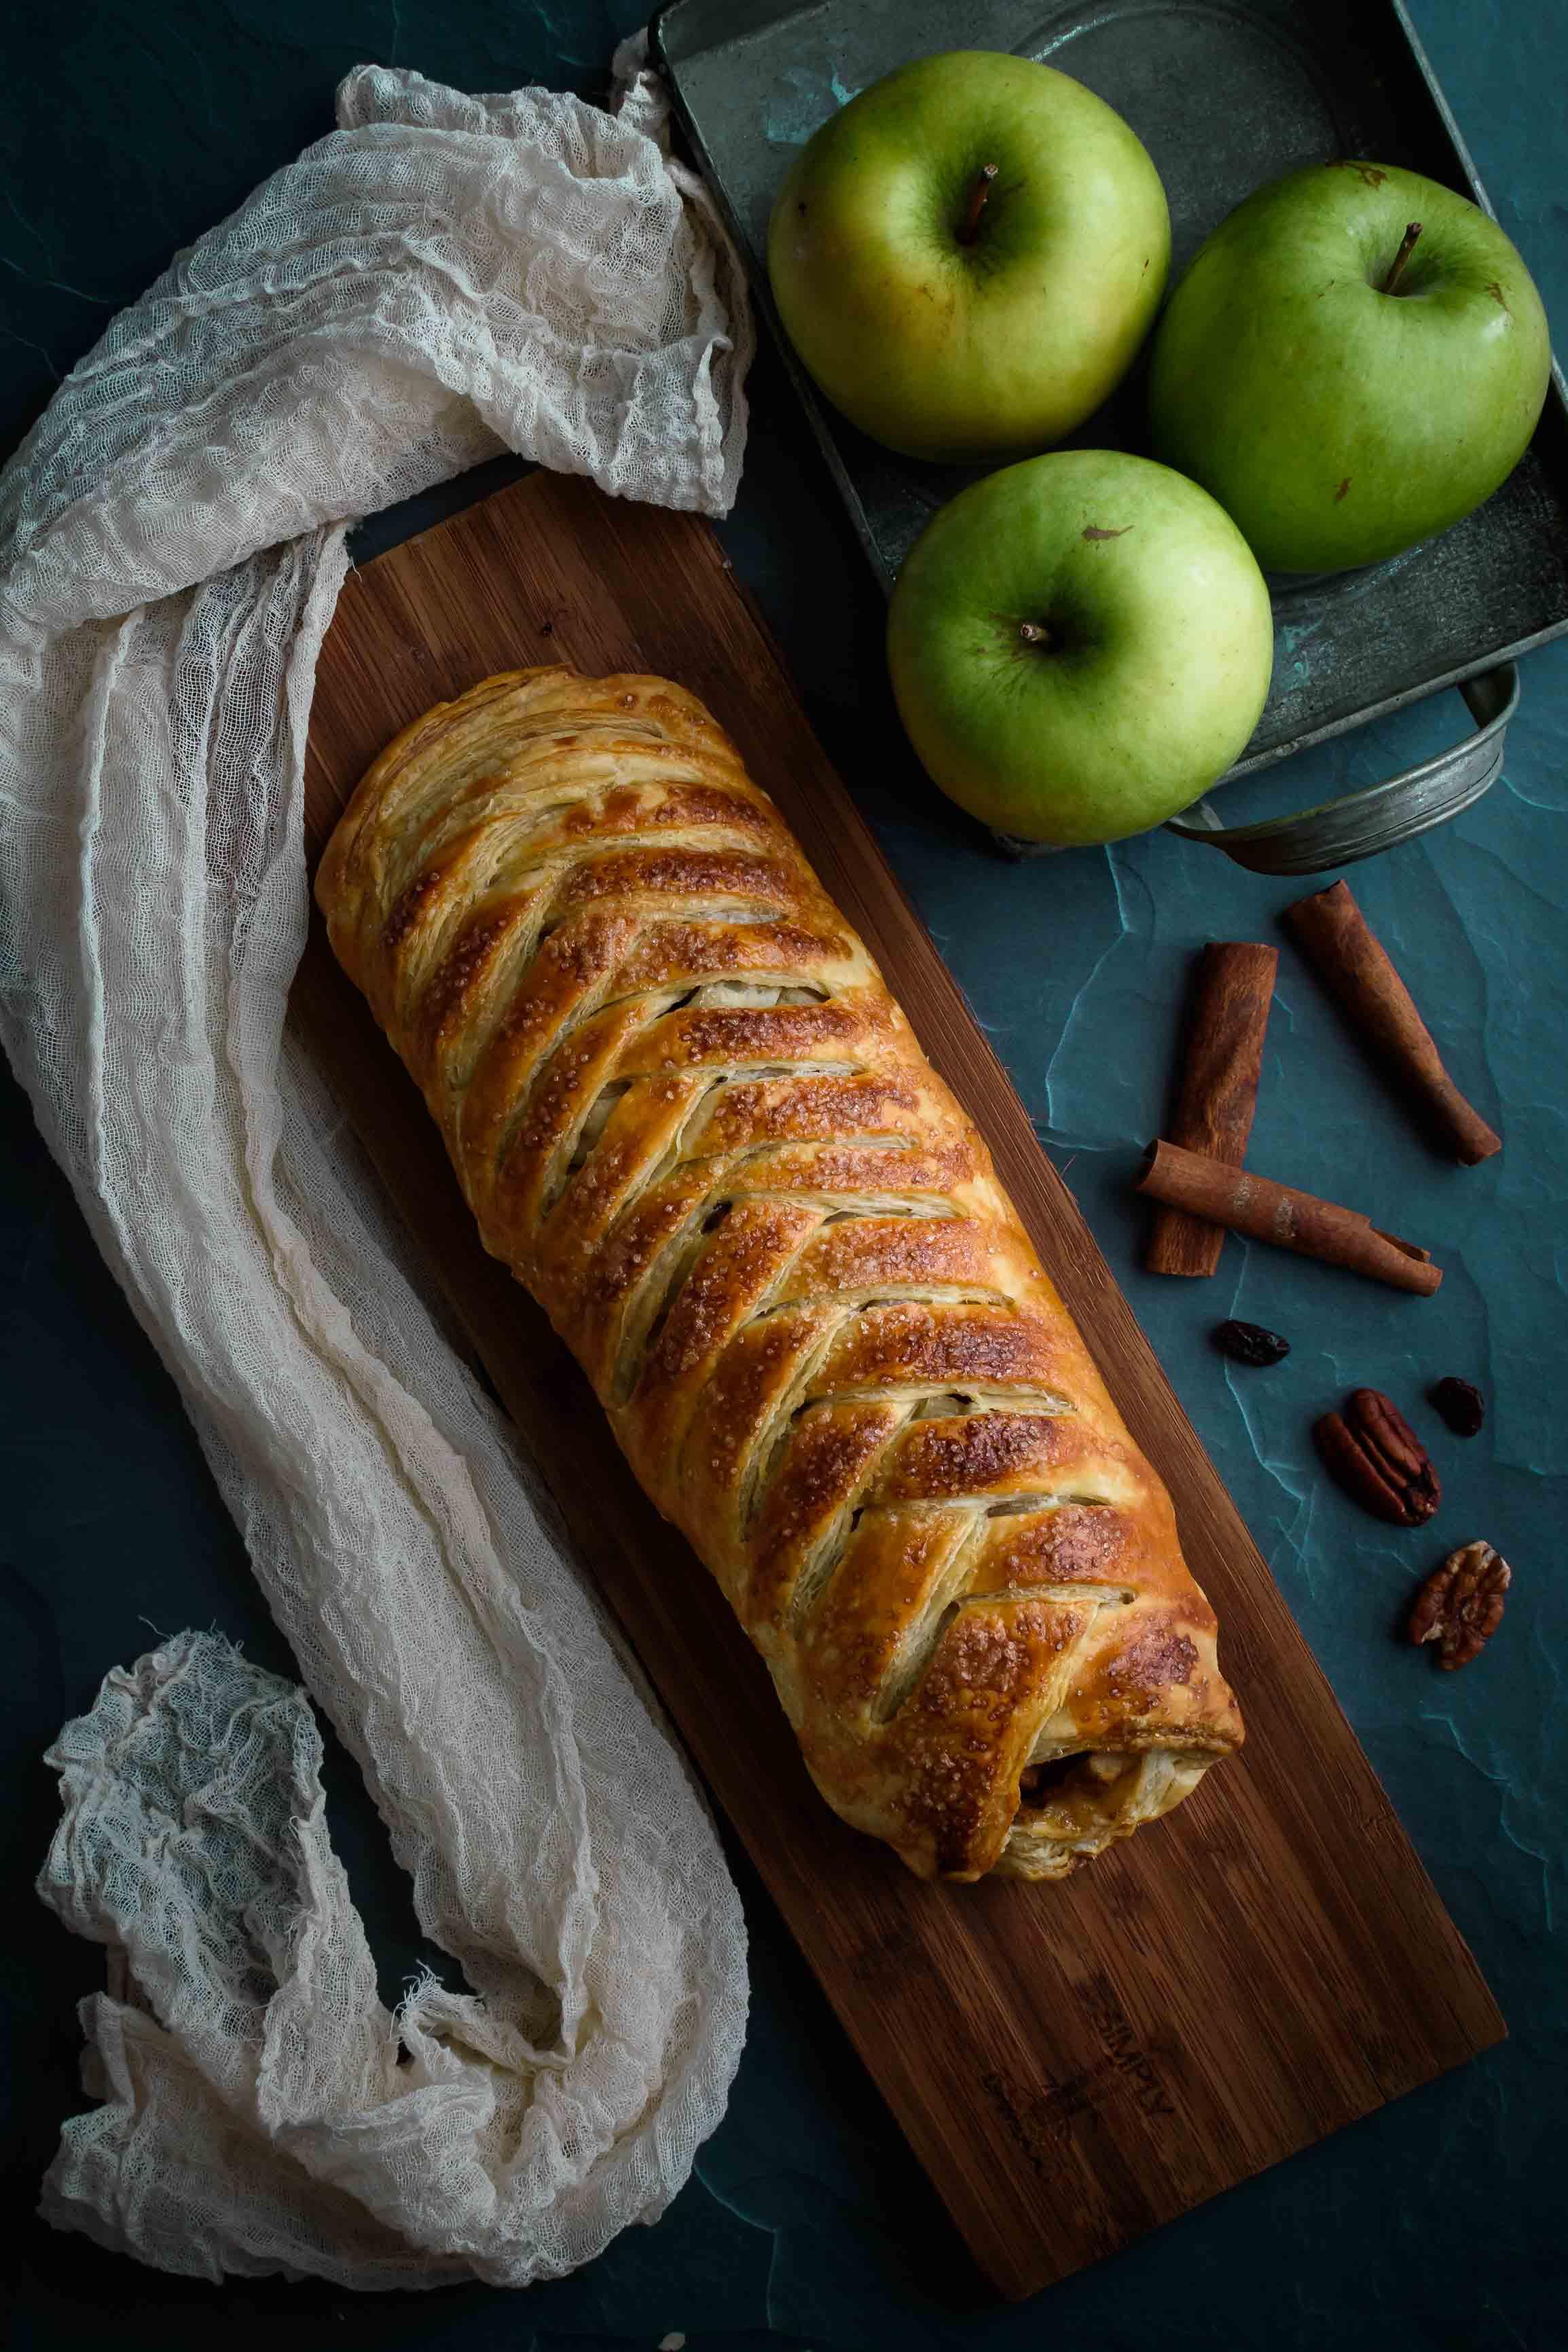 Apple Strudel- Pepper Delight #pepperdelightblog #recipe #applestrudel #strudel #dessert #falldessert #appledessert #pepperidgefarm #puffpastry #snacks #baking #holidayrecipes